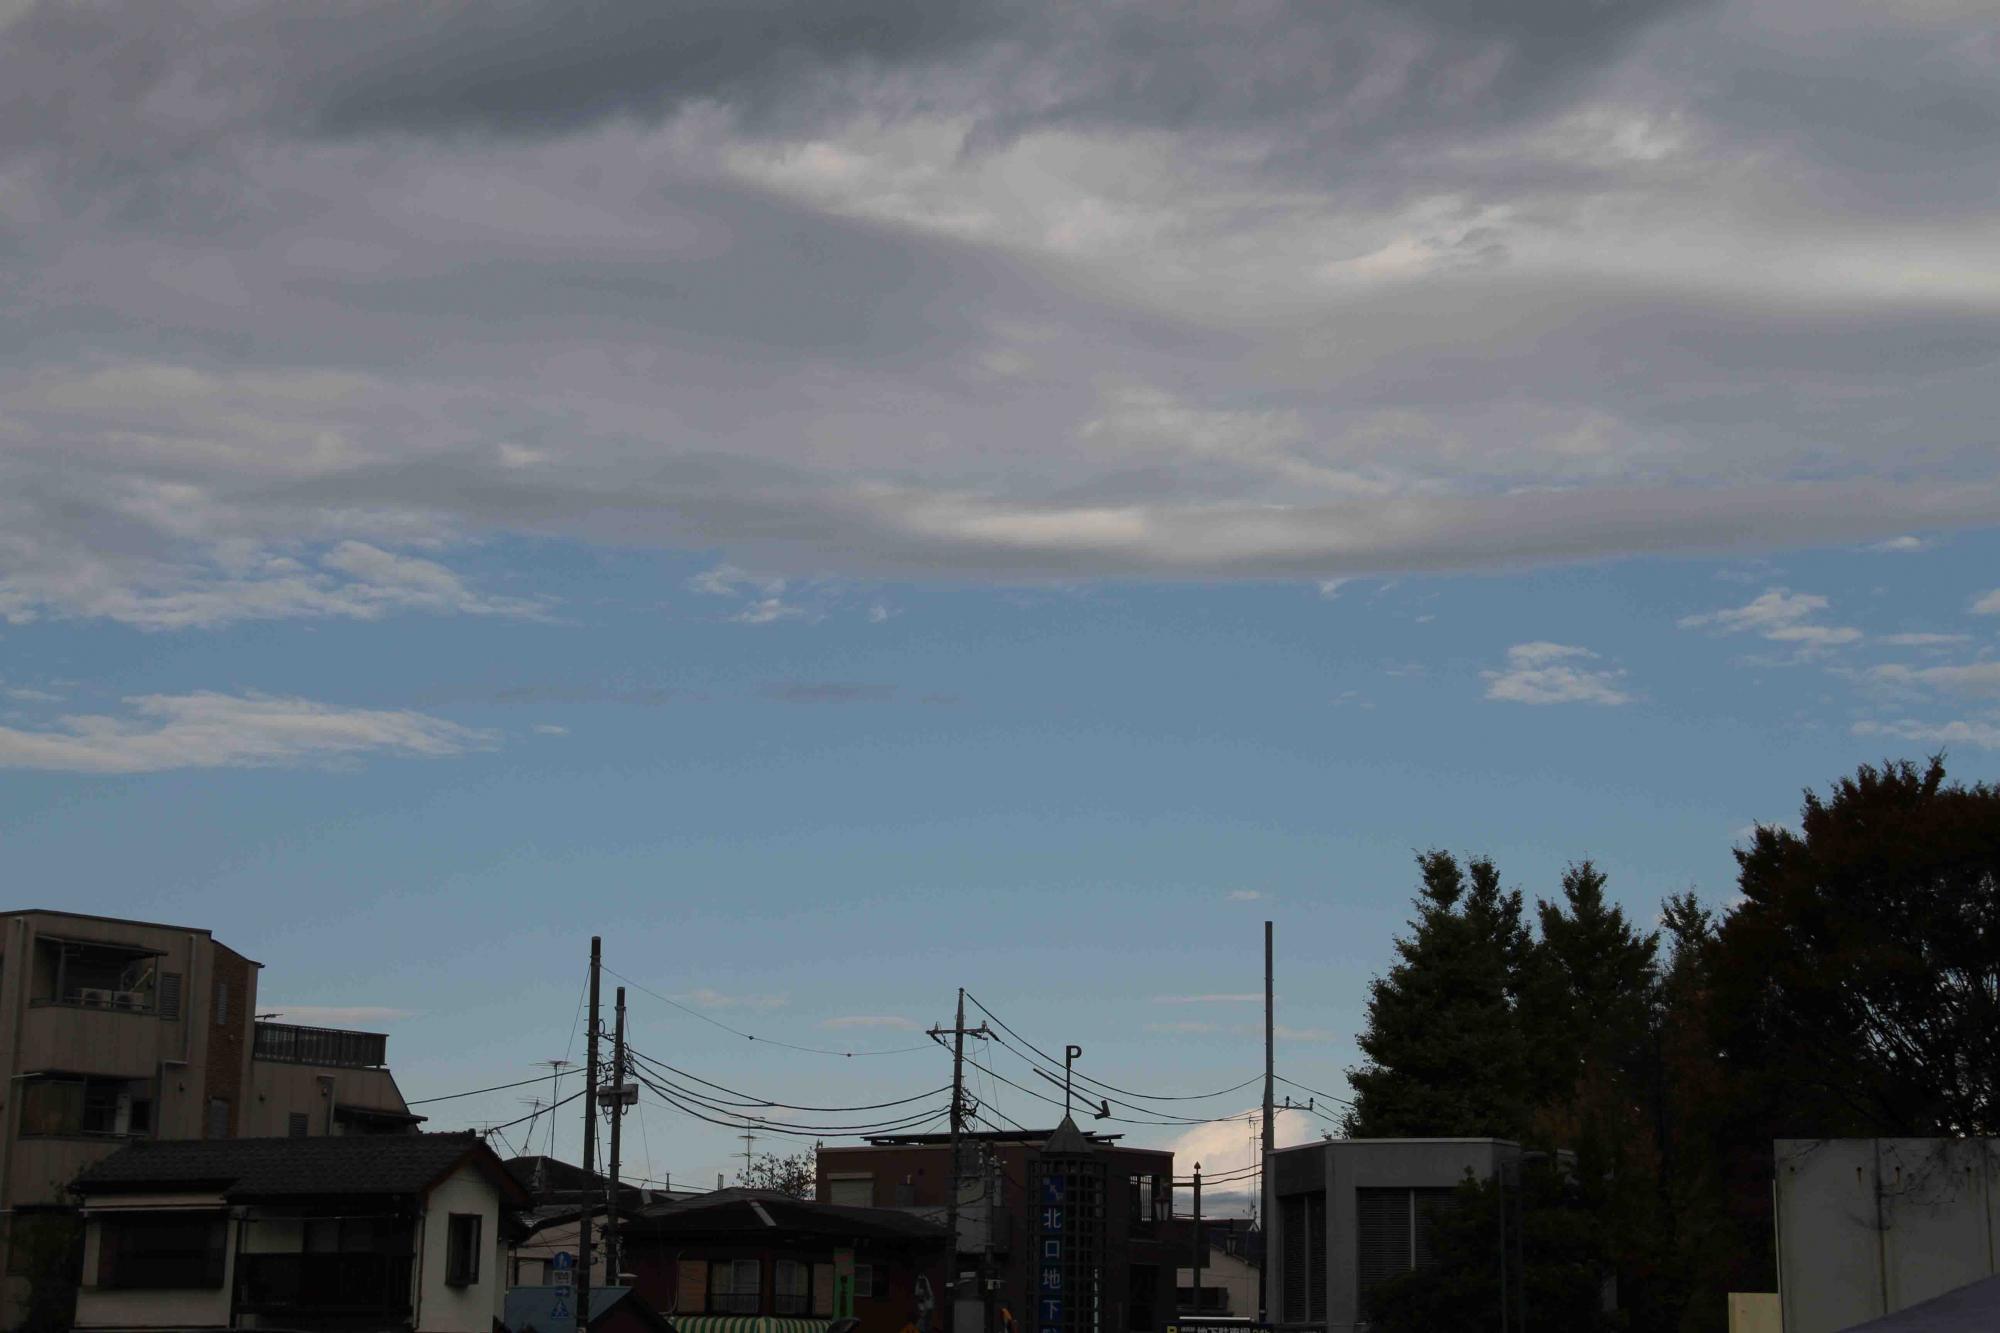 練馬(6) 駅付近からNNW方面の空 8時57分